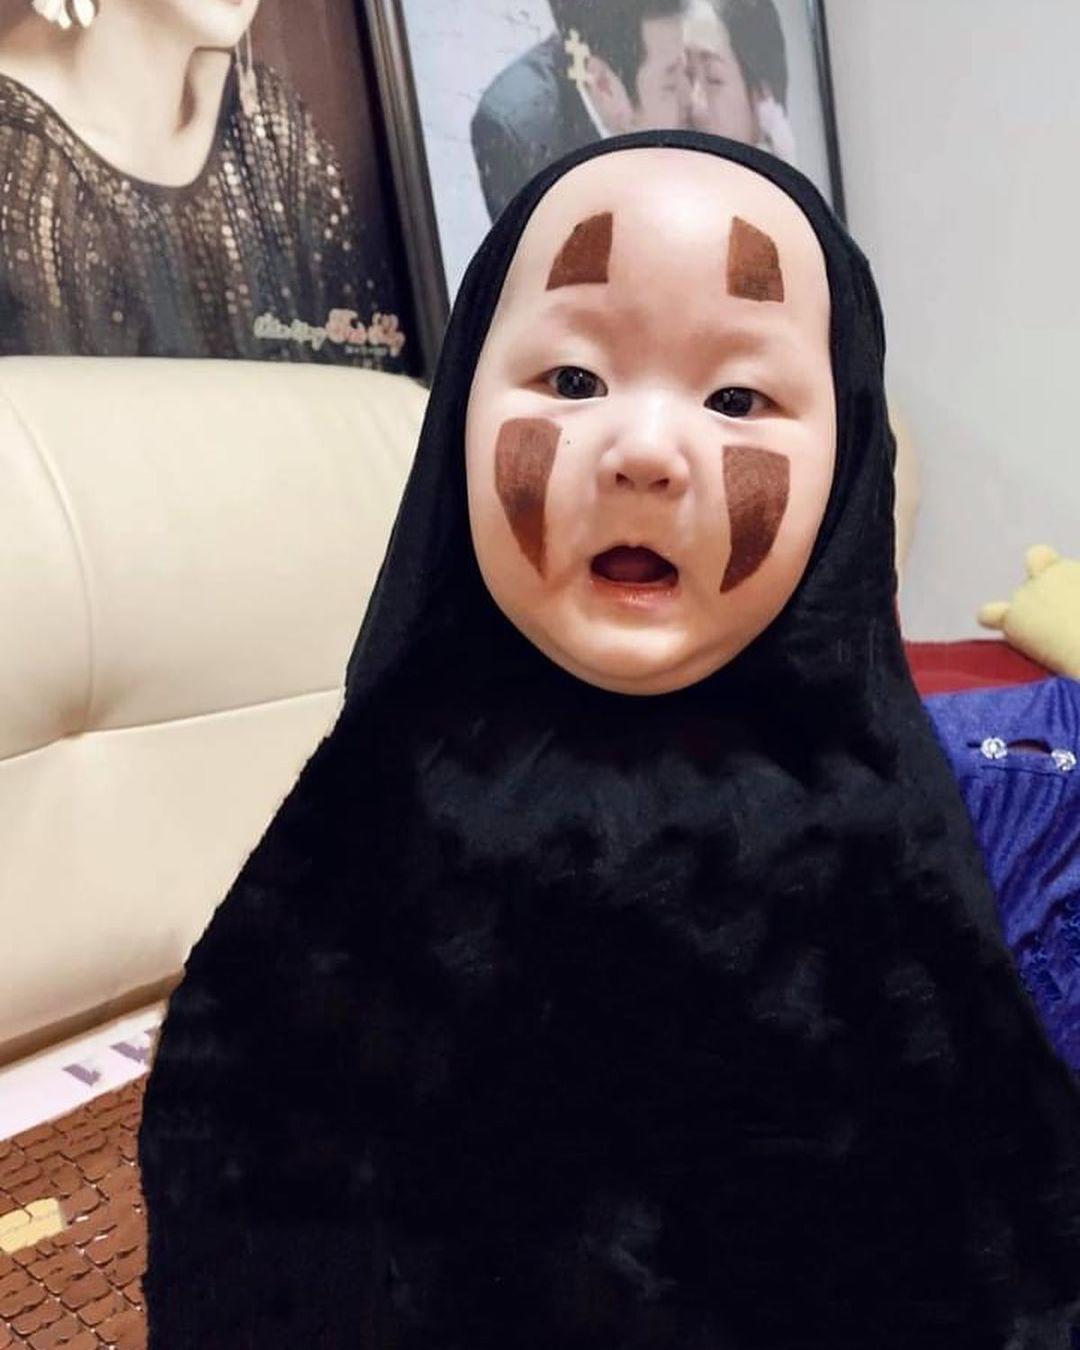 Có bố mẹ nổi tiếng, dàn hot kid auto khuấy đảo MXH Việt: Đáng iu quá quý dzị ơi! - Ảnh 7.